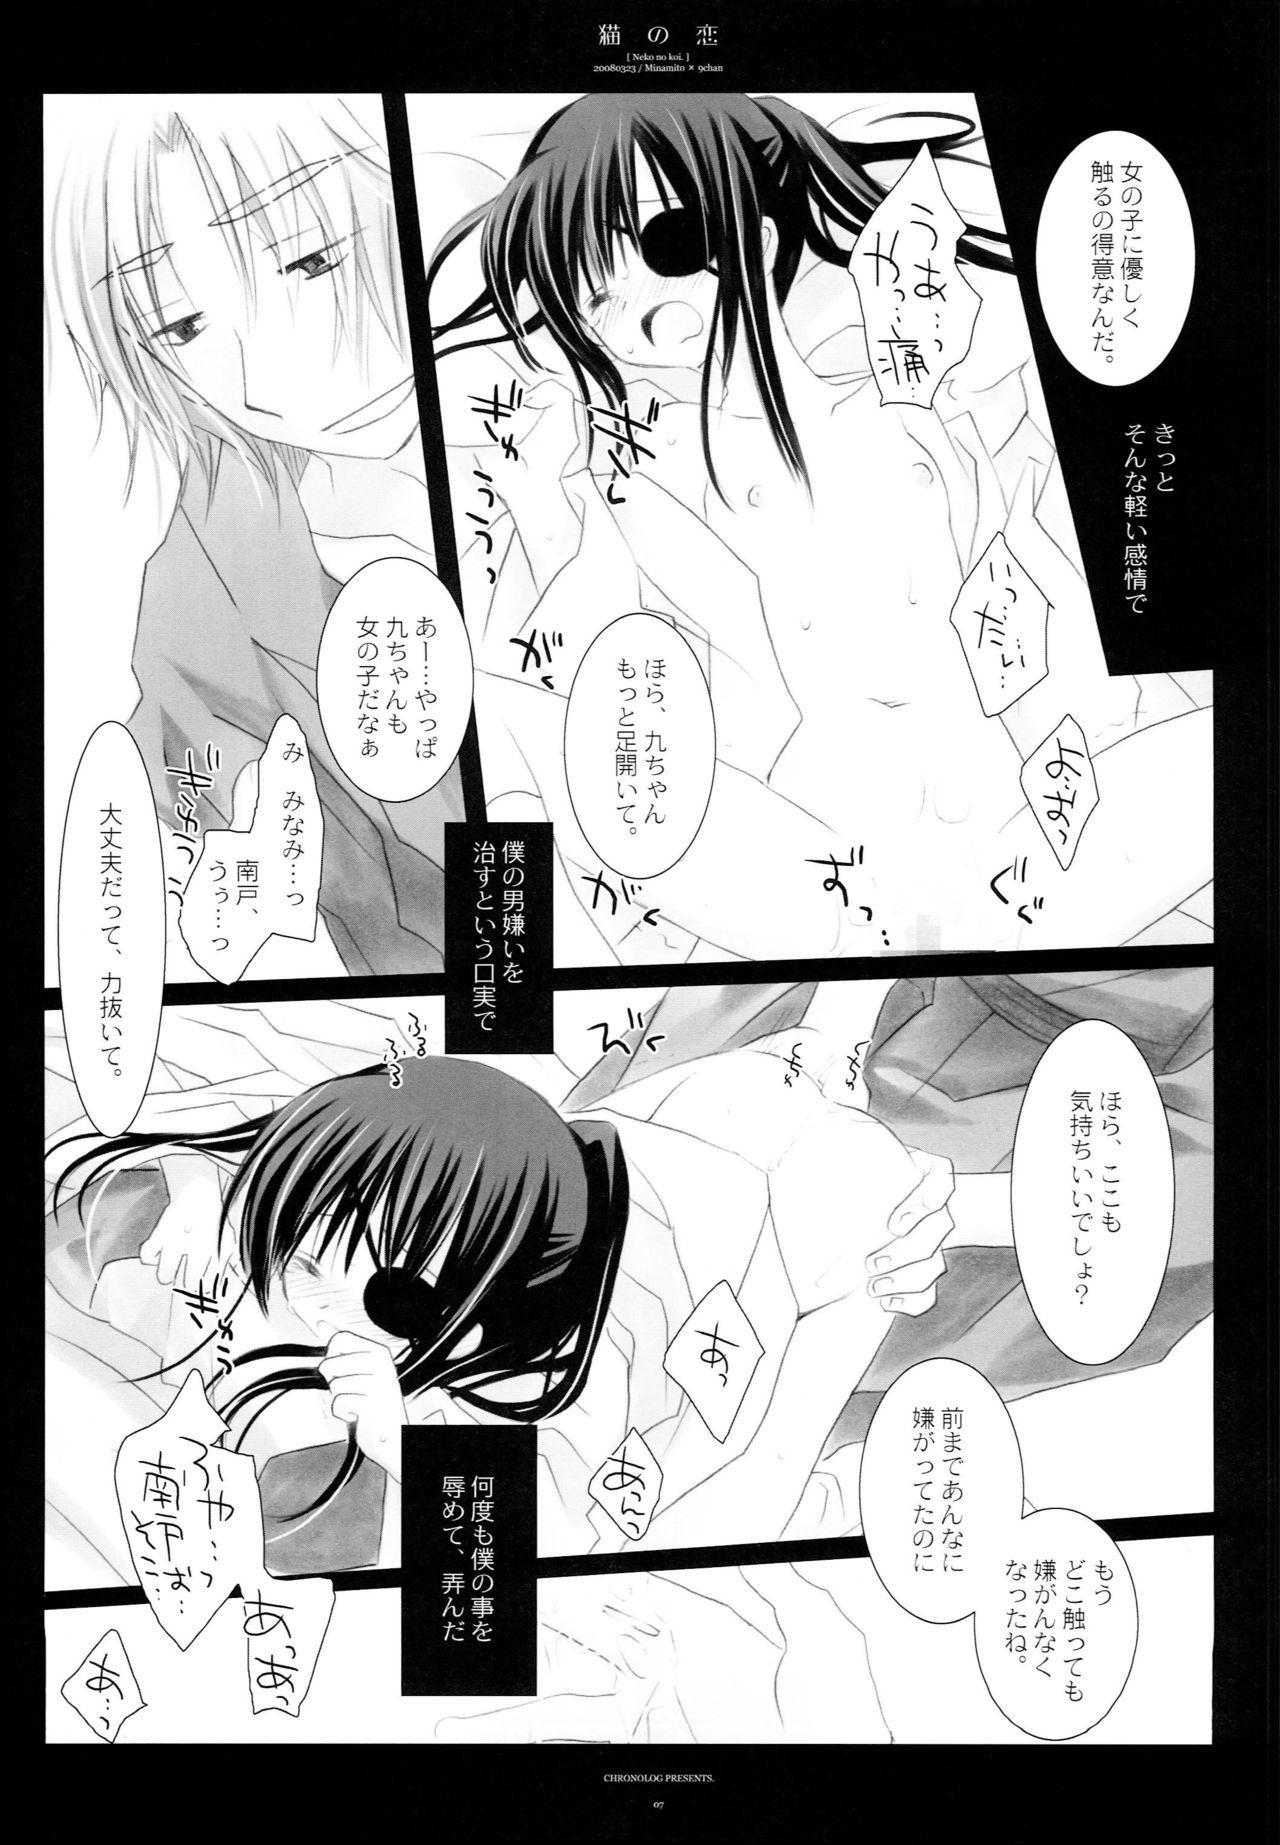 Neko no Koi 5